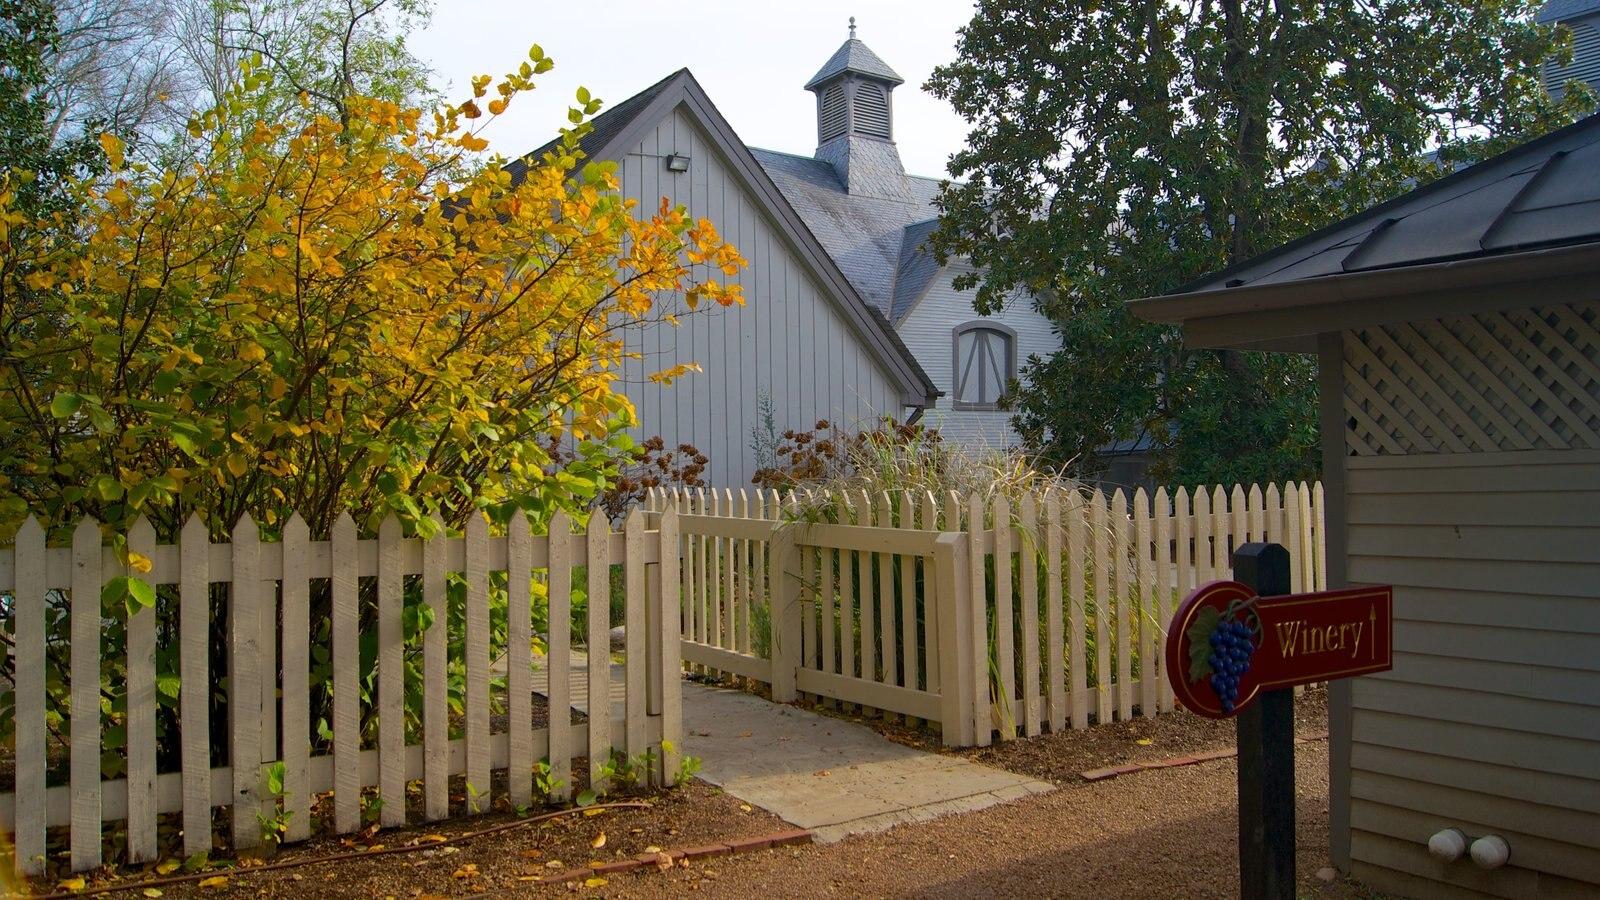 Belle Meade Plantation que incluye una casa